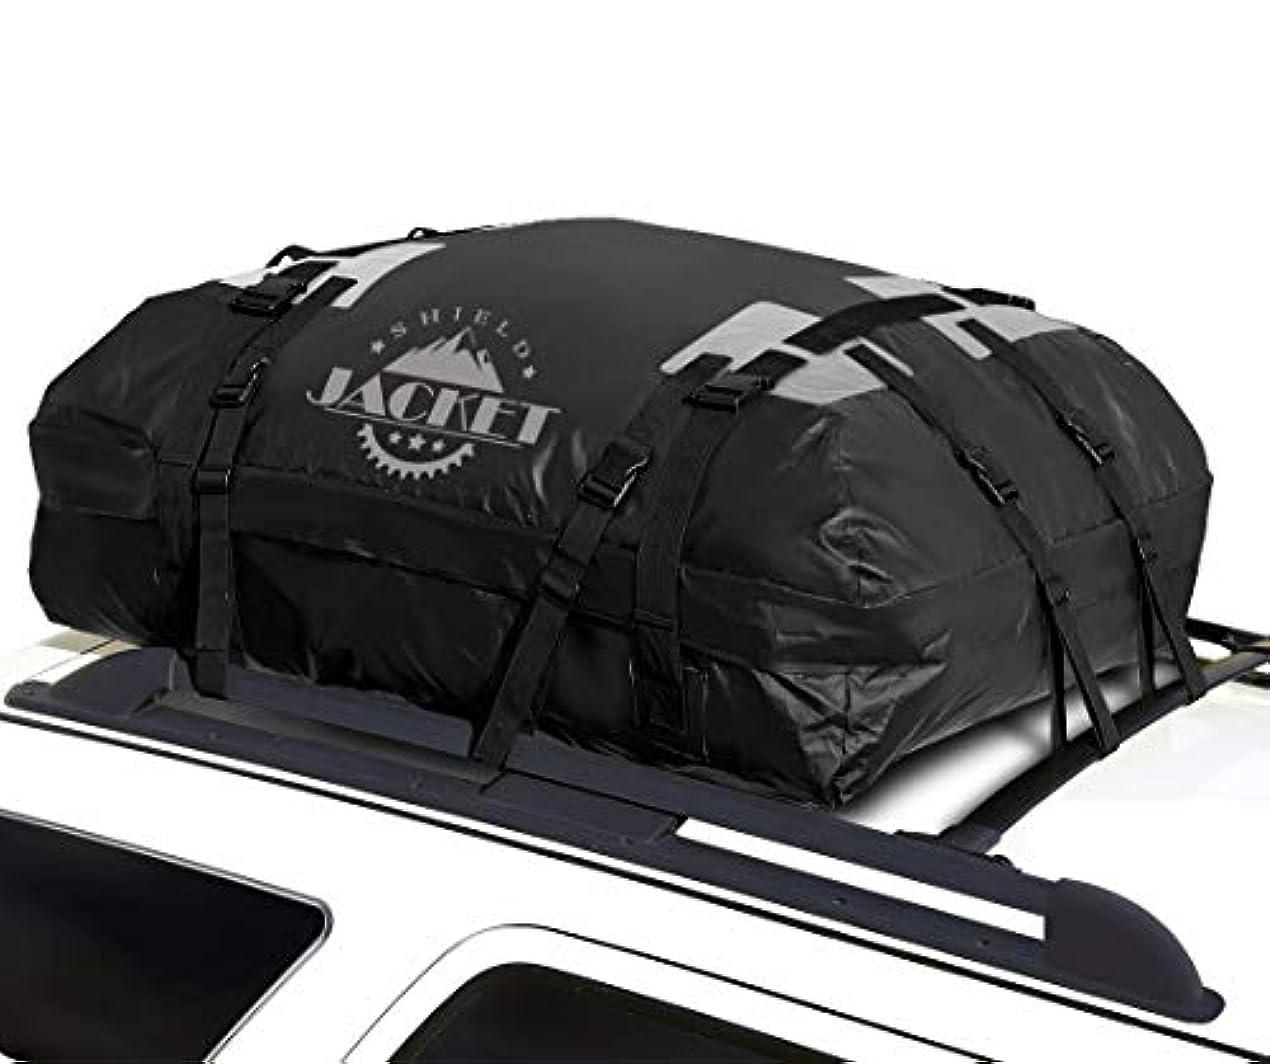 歯科医ベンチ締めるSHIELD JACKET Waterproof Roof Top Cargo Luggage Travel Bag (15 Cubic Feet) - Roof Top Cargo Carrier for Cars, Vans and SUVs - Great for Travel or Off-Roading - Double Vinyl Construction, Easy to Use [並行輸入品]